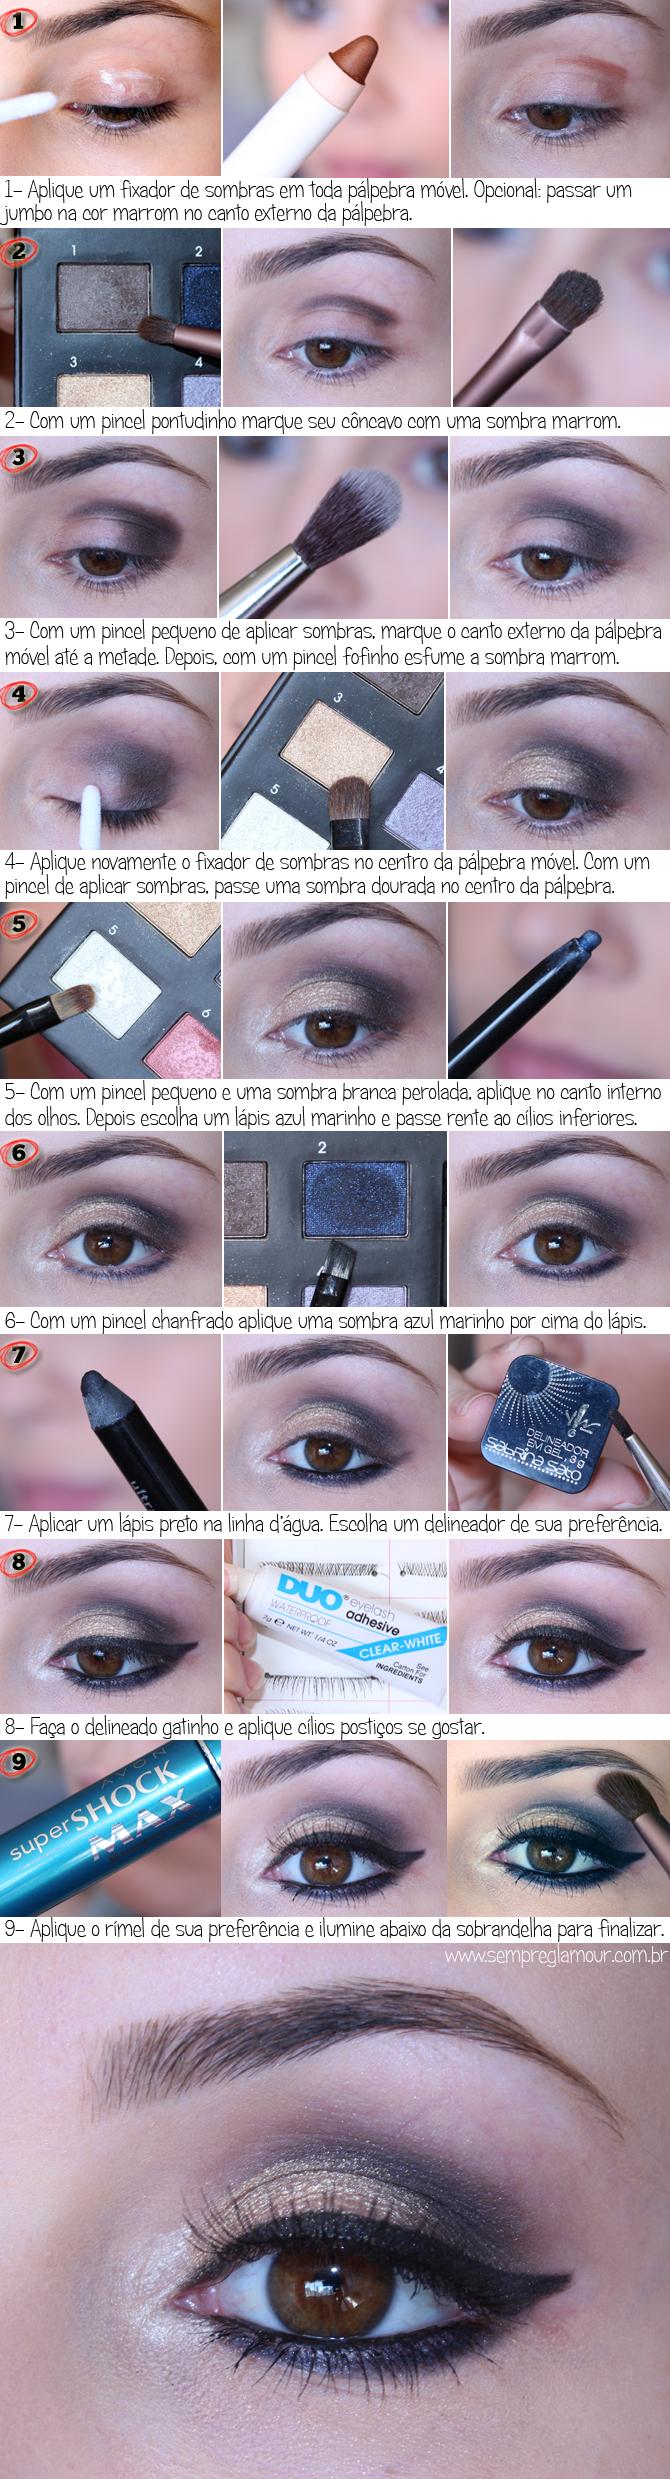 1- tutorial em foto copy